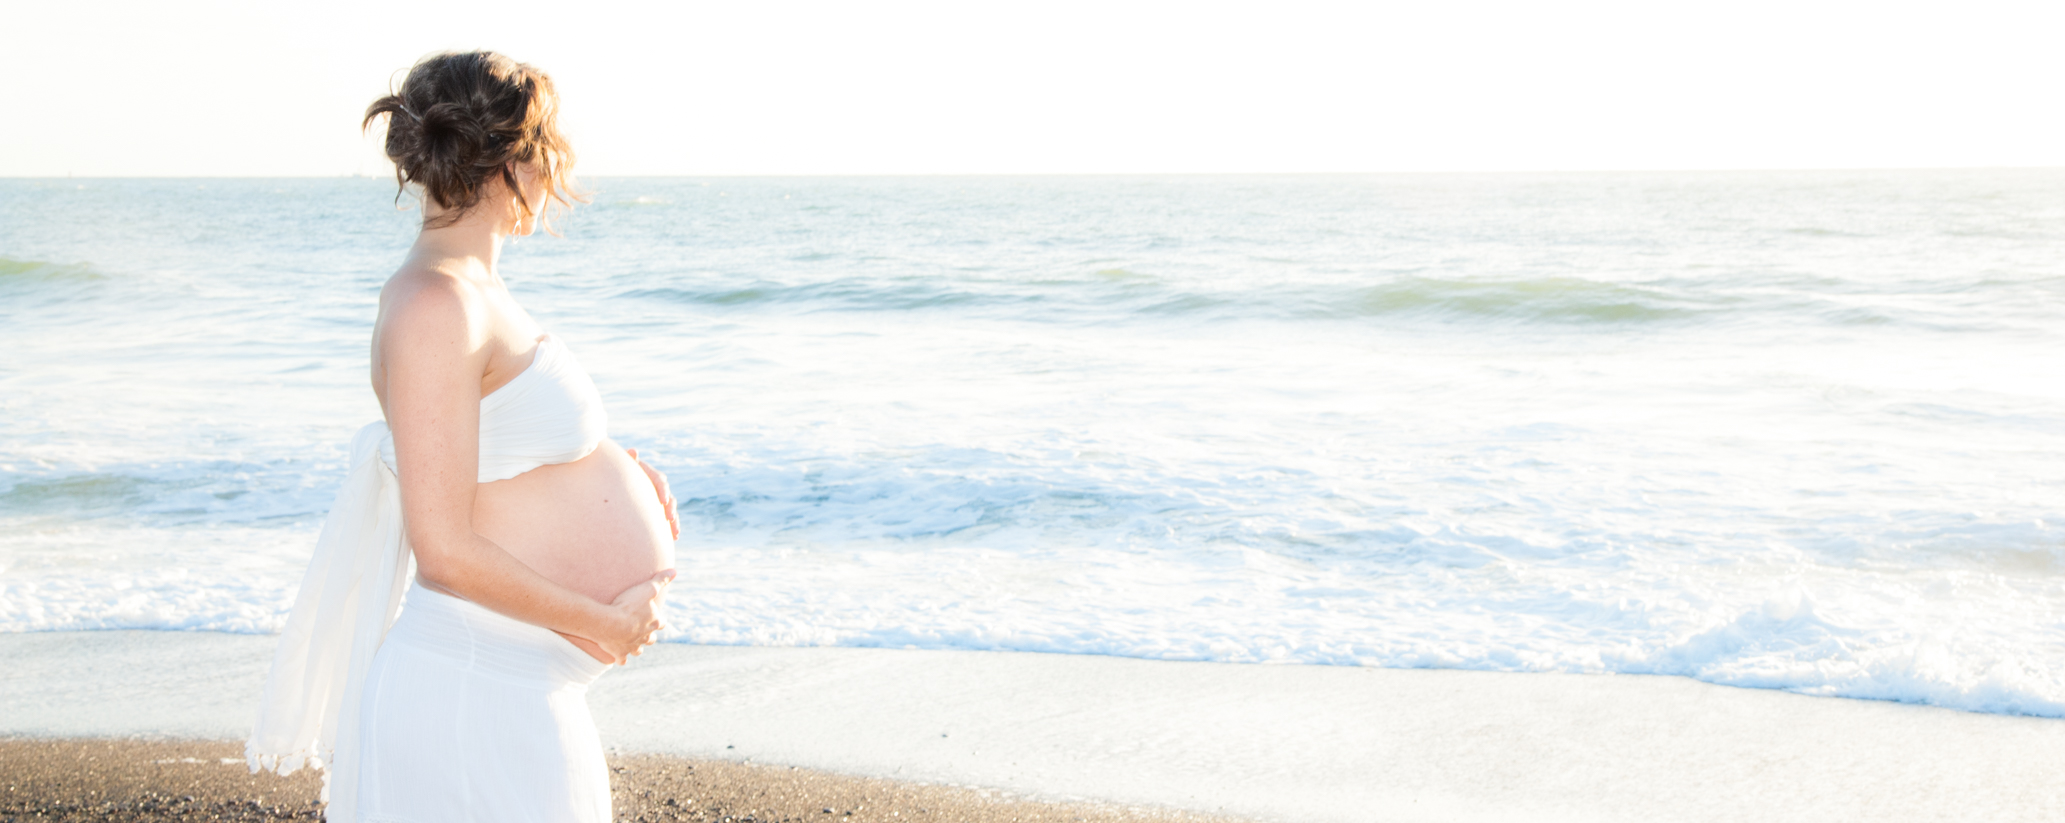 beach_belly-2.jpg